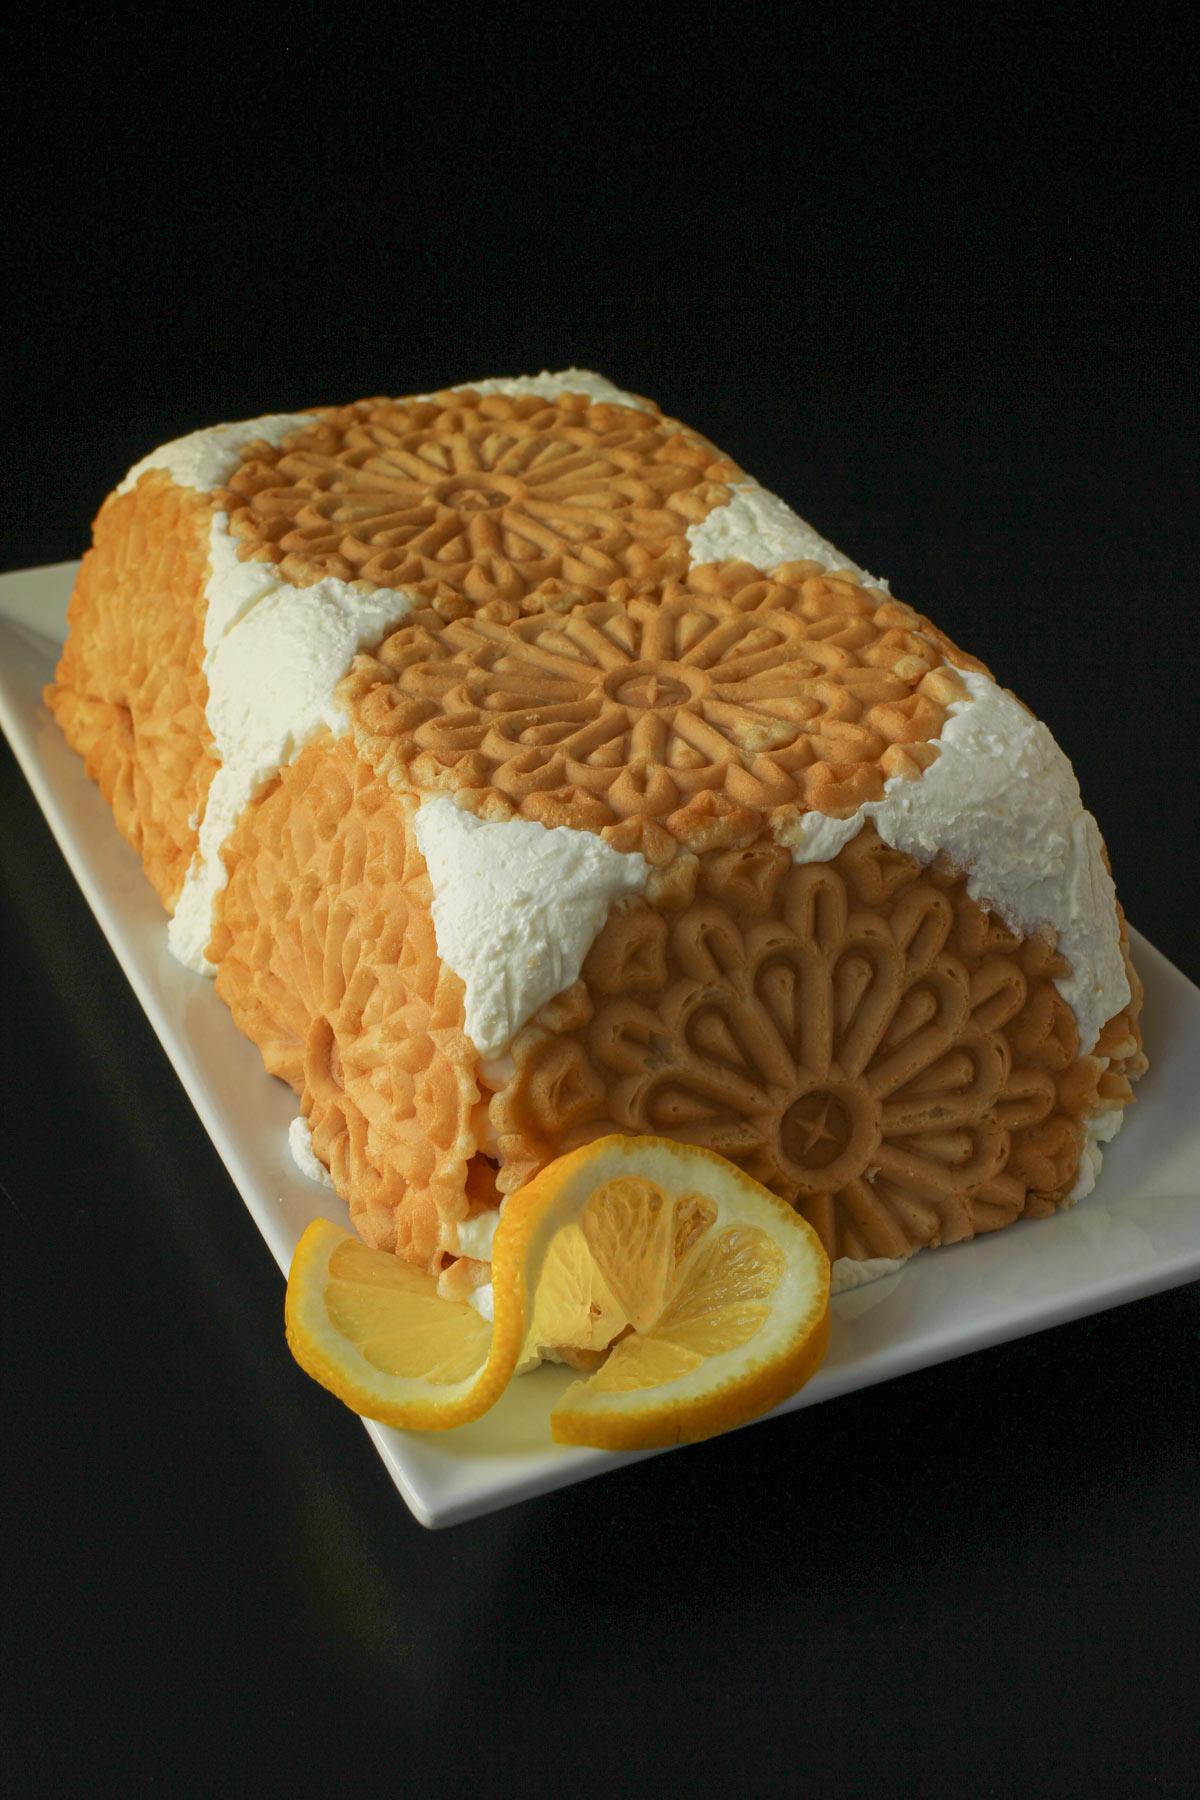 loaf-shaped lemon ice box cake on rectangular platter with lemon slice garnish.